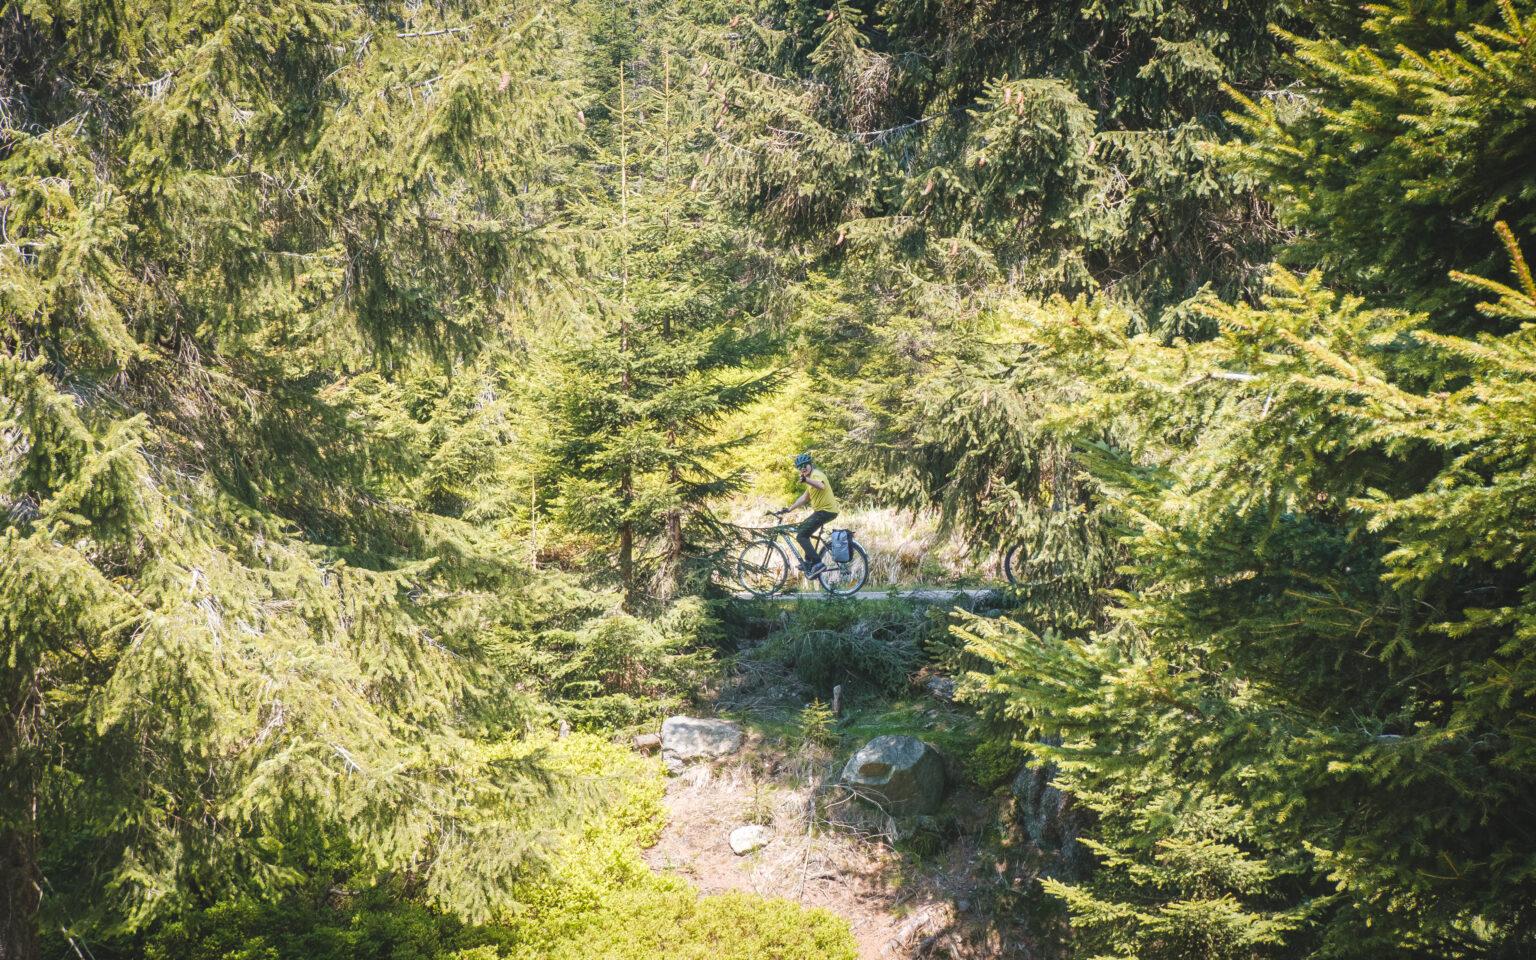 Przejazd po drodze między drzewami na rowerze w Górach Izerskich